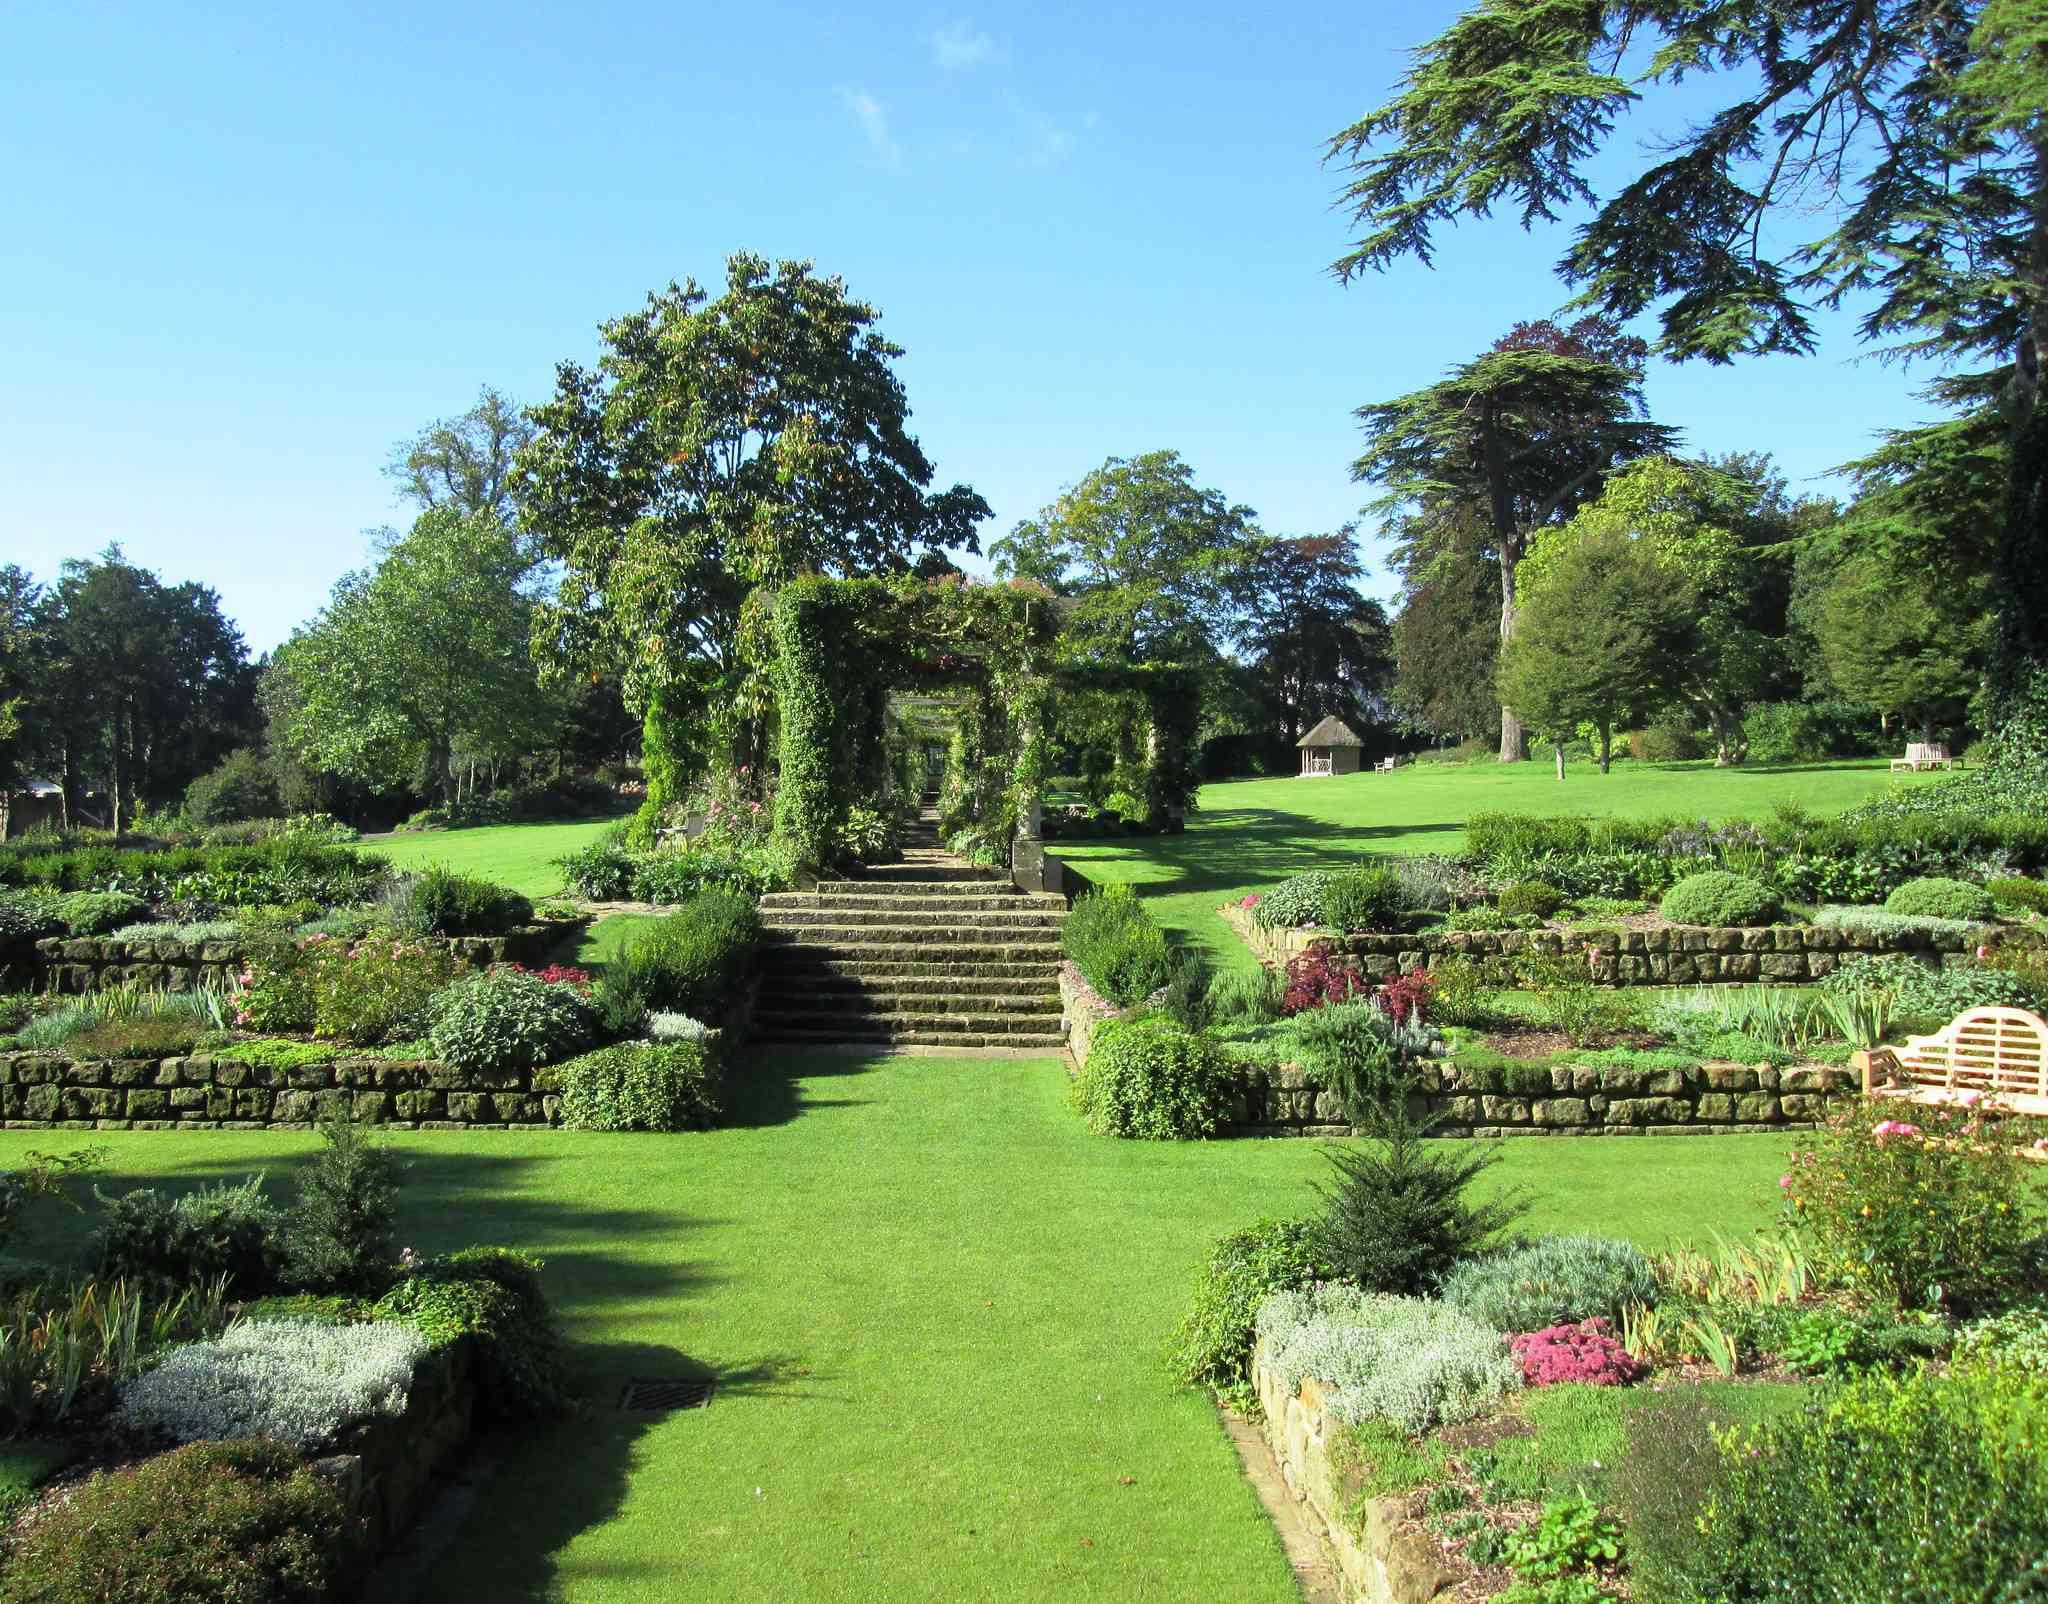 Sunken Garden in West Dean Gardens